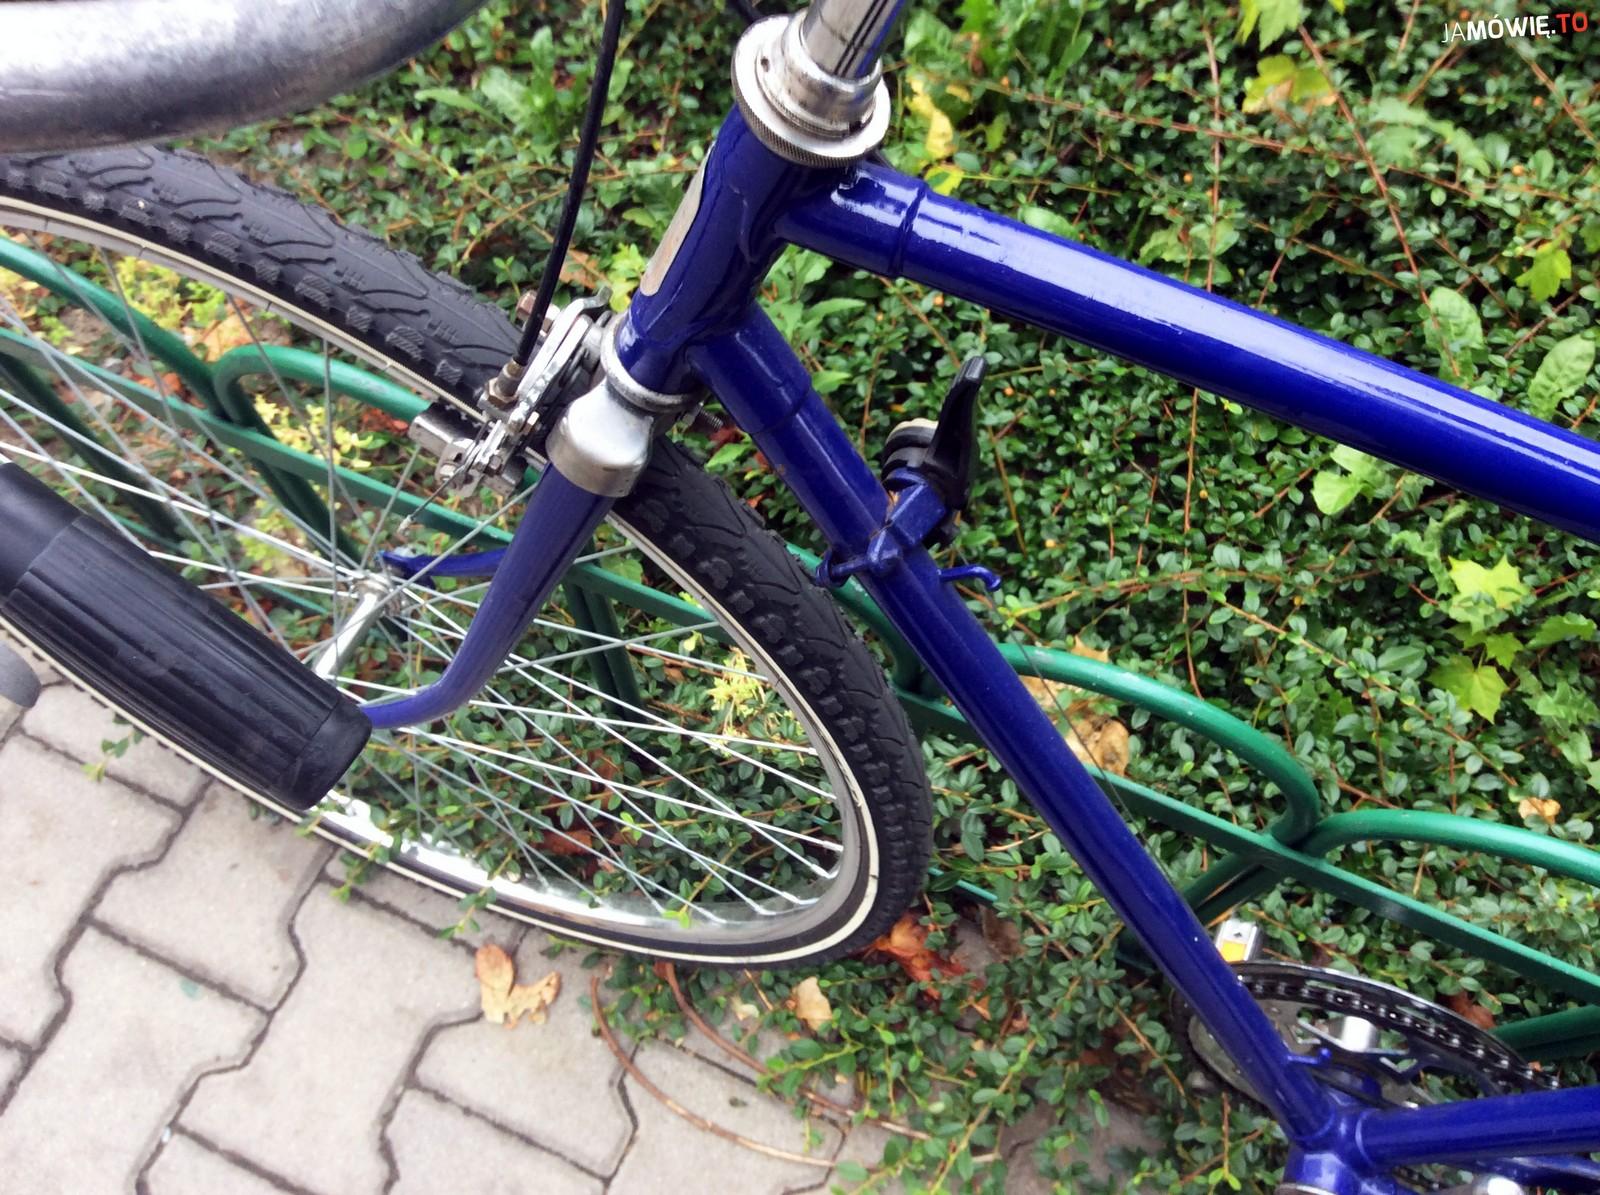 rower w Krakowie - Ja mówię TO https://jamowie.to - Rakieta